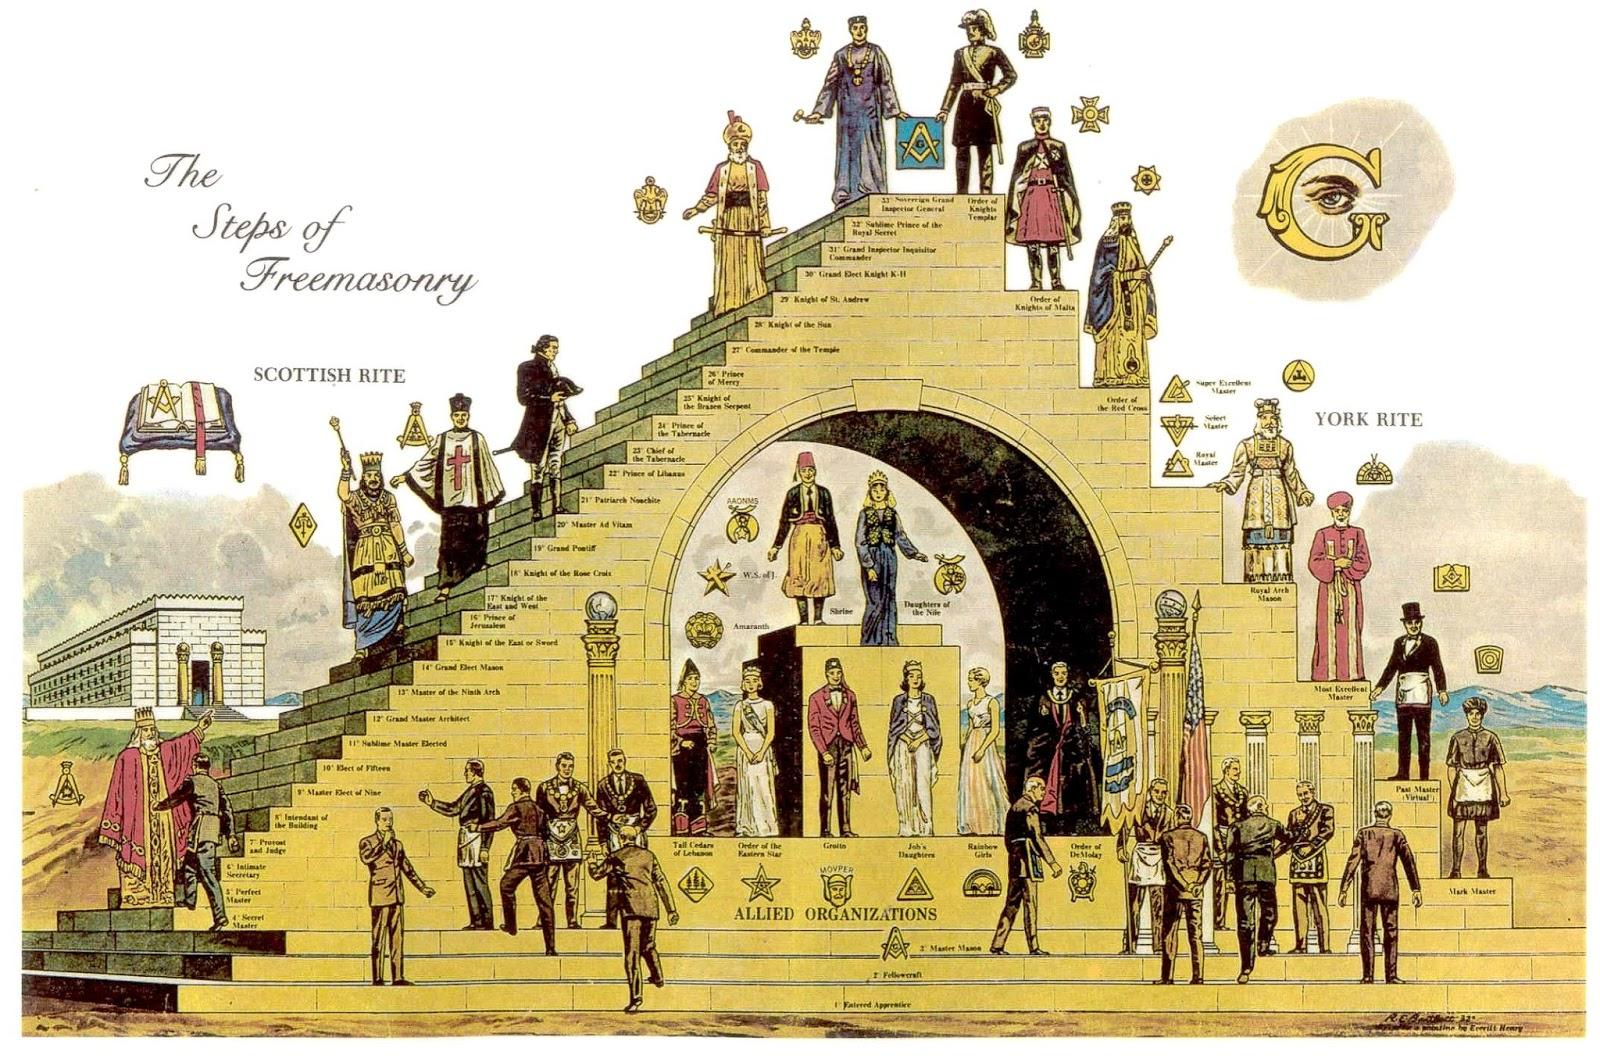 1-2 Mei dalam Sejarah: Organisasi Rahasia Iluminati Didirikan, hingga Tertangkapnya Osama bin Laden